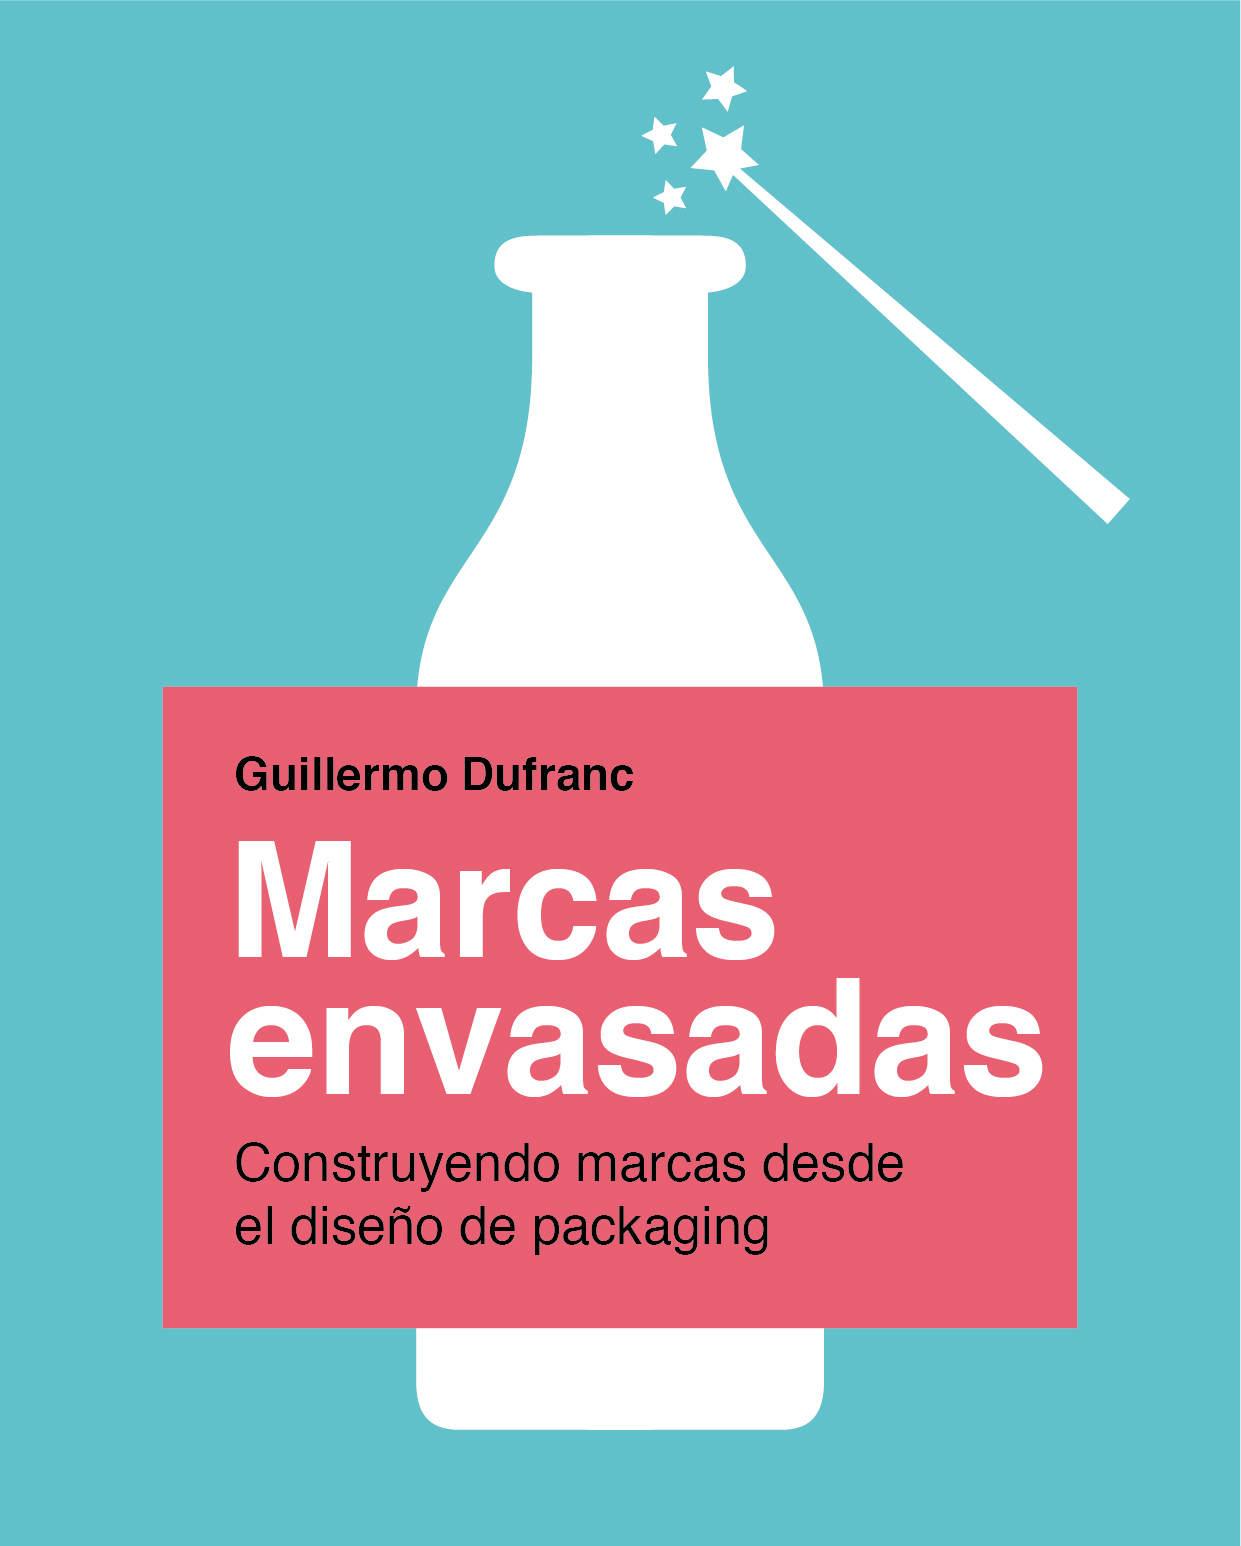 El libro 'Marcas Envasadas: Cómo el Diseño de Packaging ayuda a crear Marcas' explica cómo se construye marca desde el diseño de packaging.